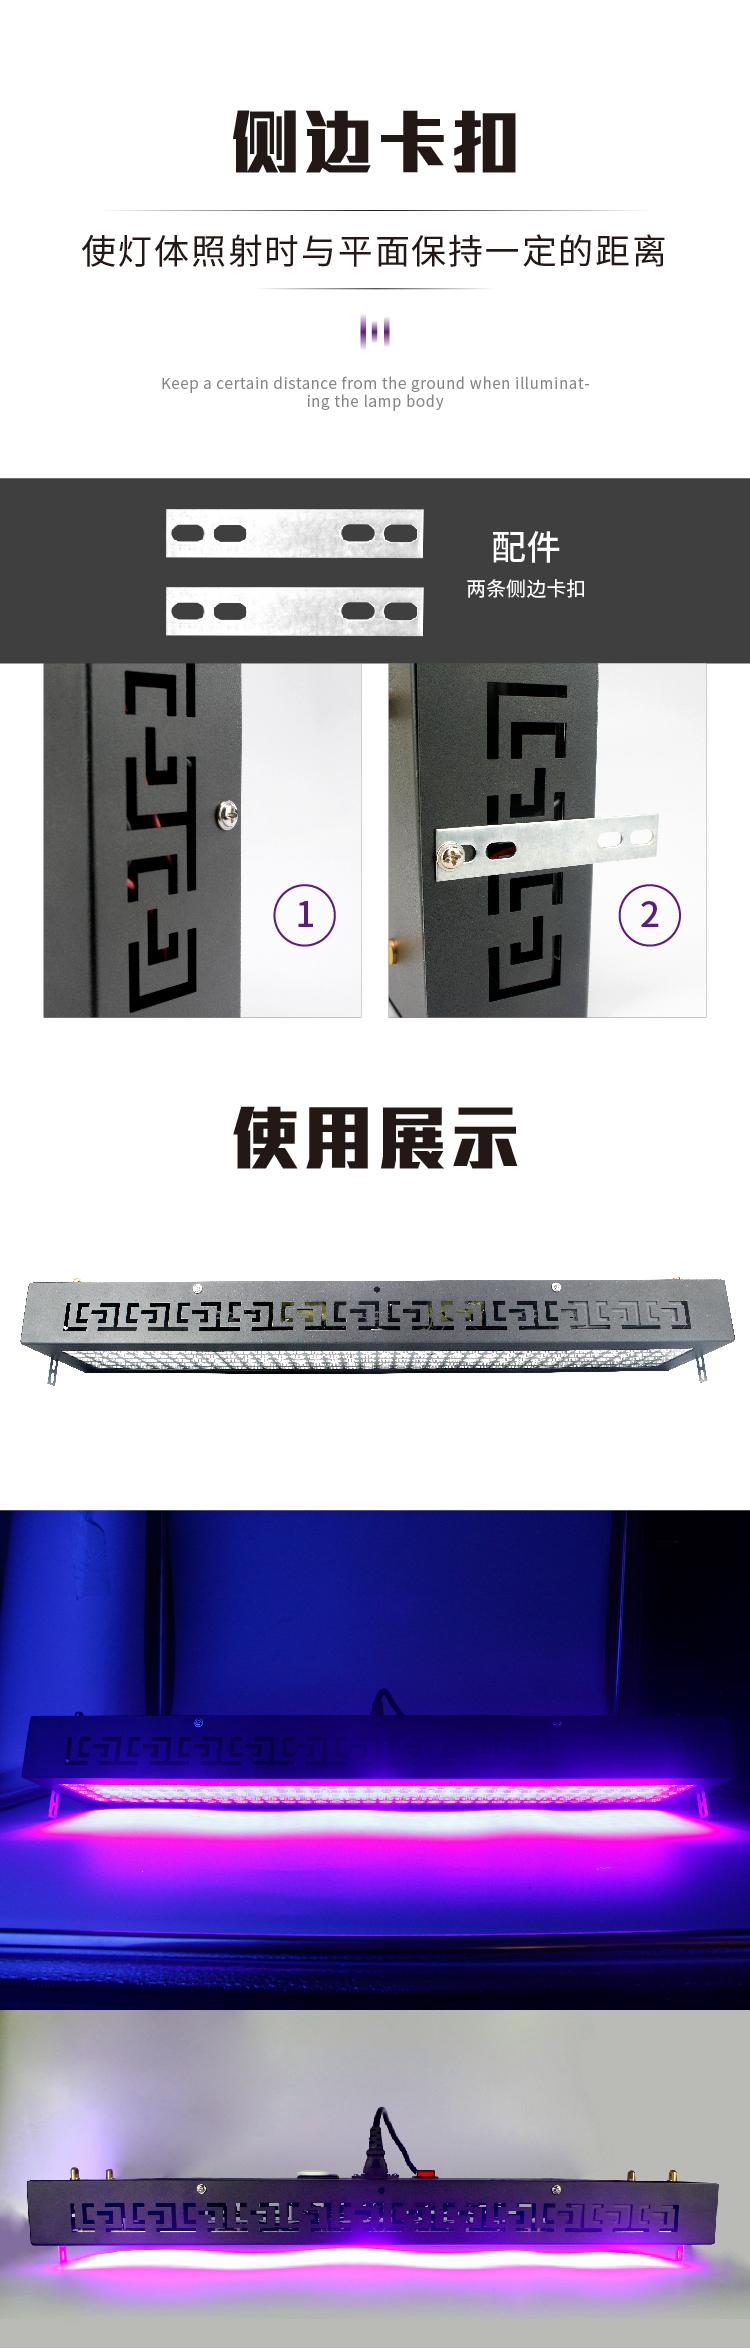 工业高效led紫外线UV固化灯无影滴胶大功率晒版荧光画干燥固化机